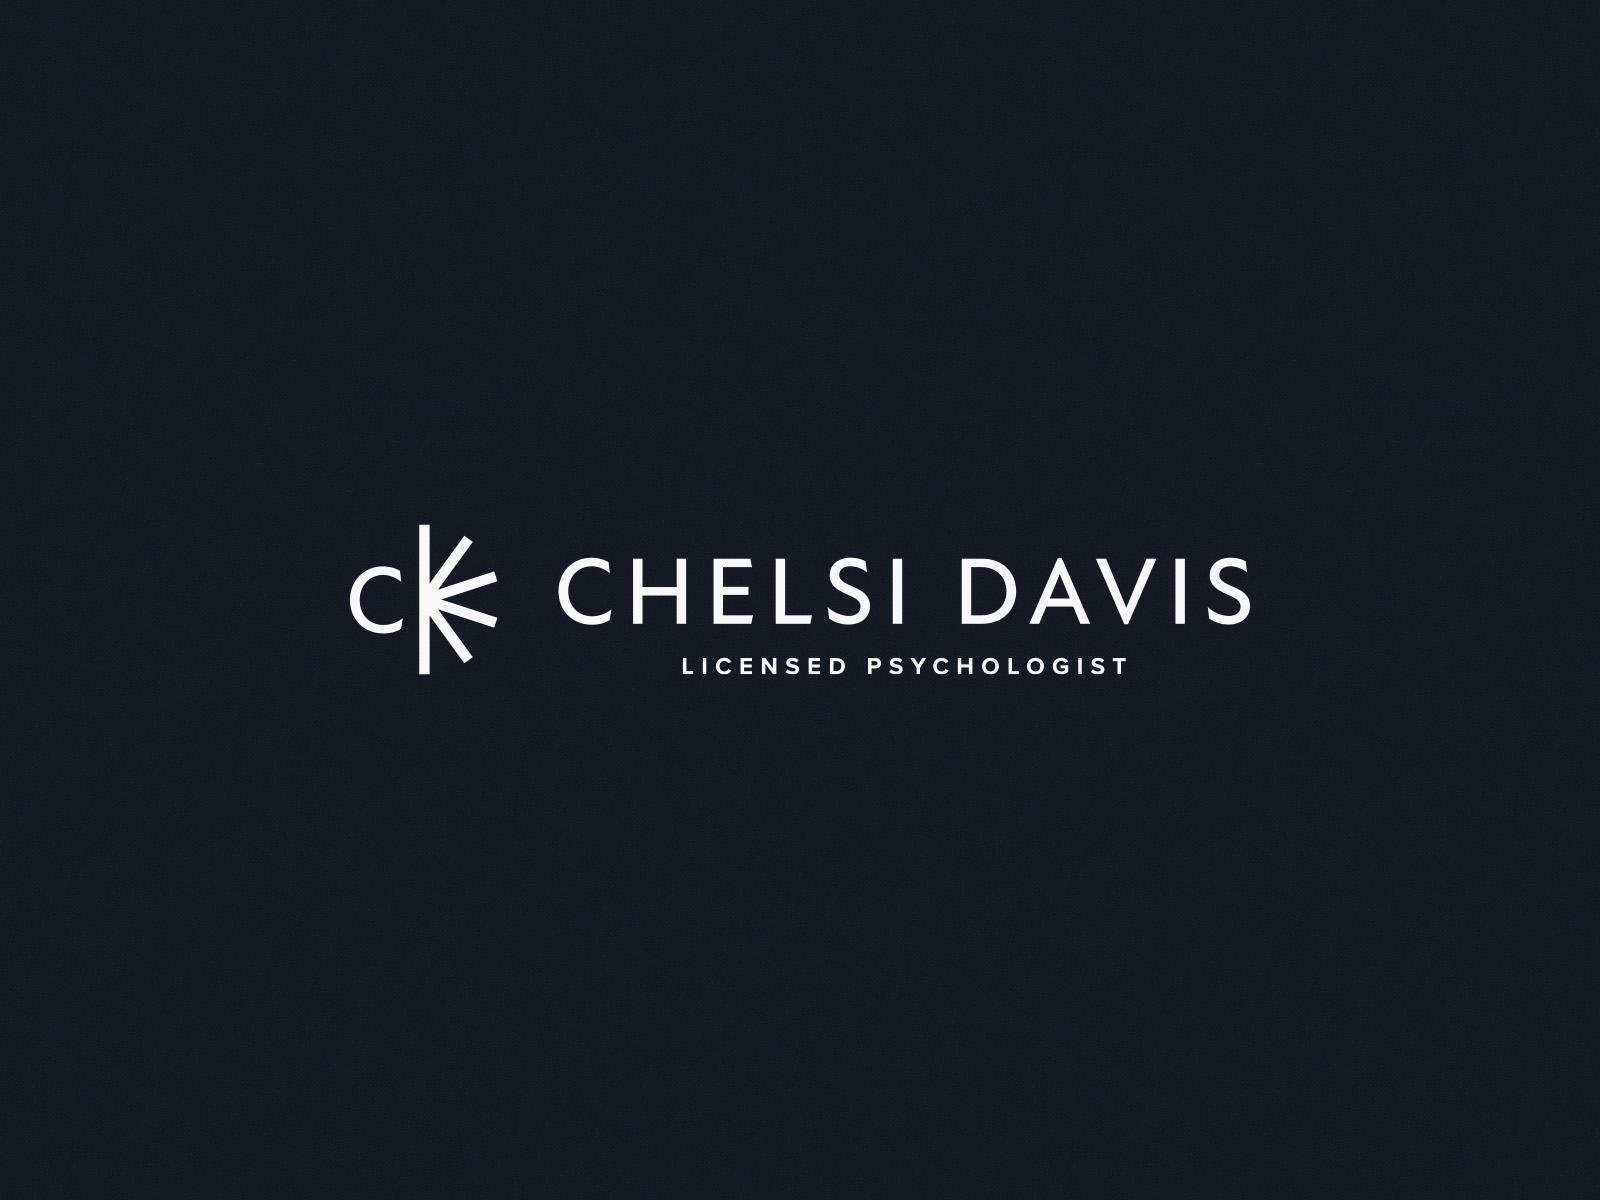 Chelsi Davis | Brand Identity